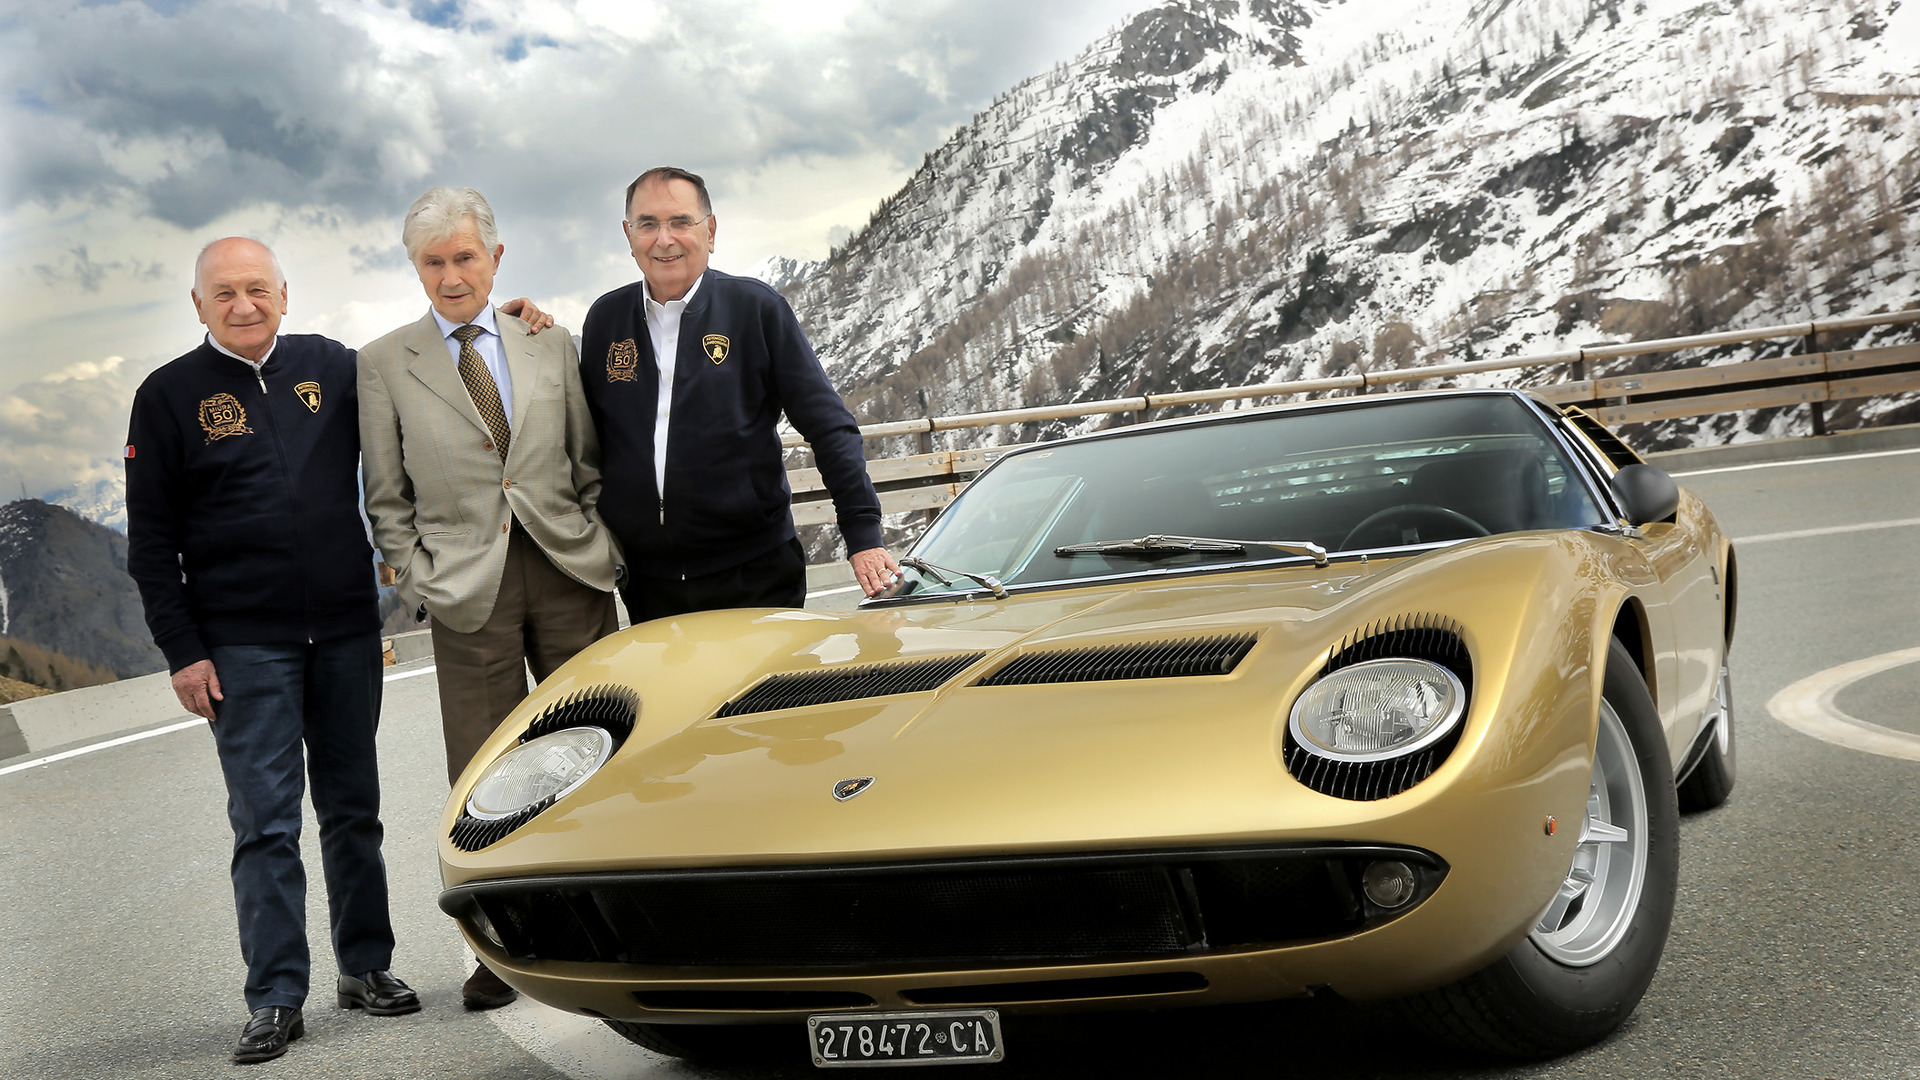 Lamborghini Miura's 50th anniversary celebrated